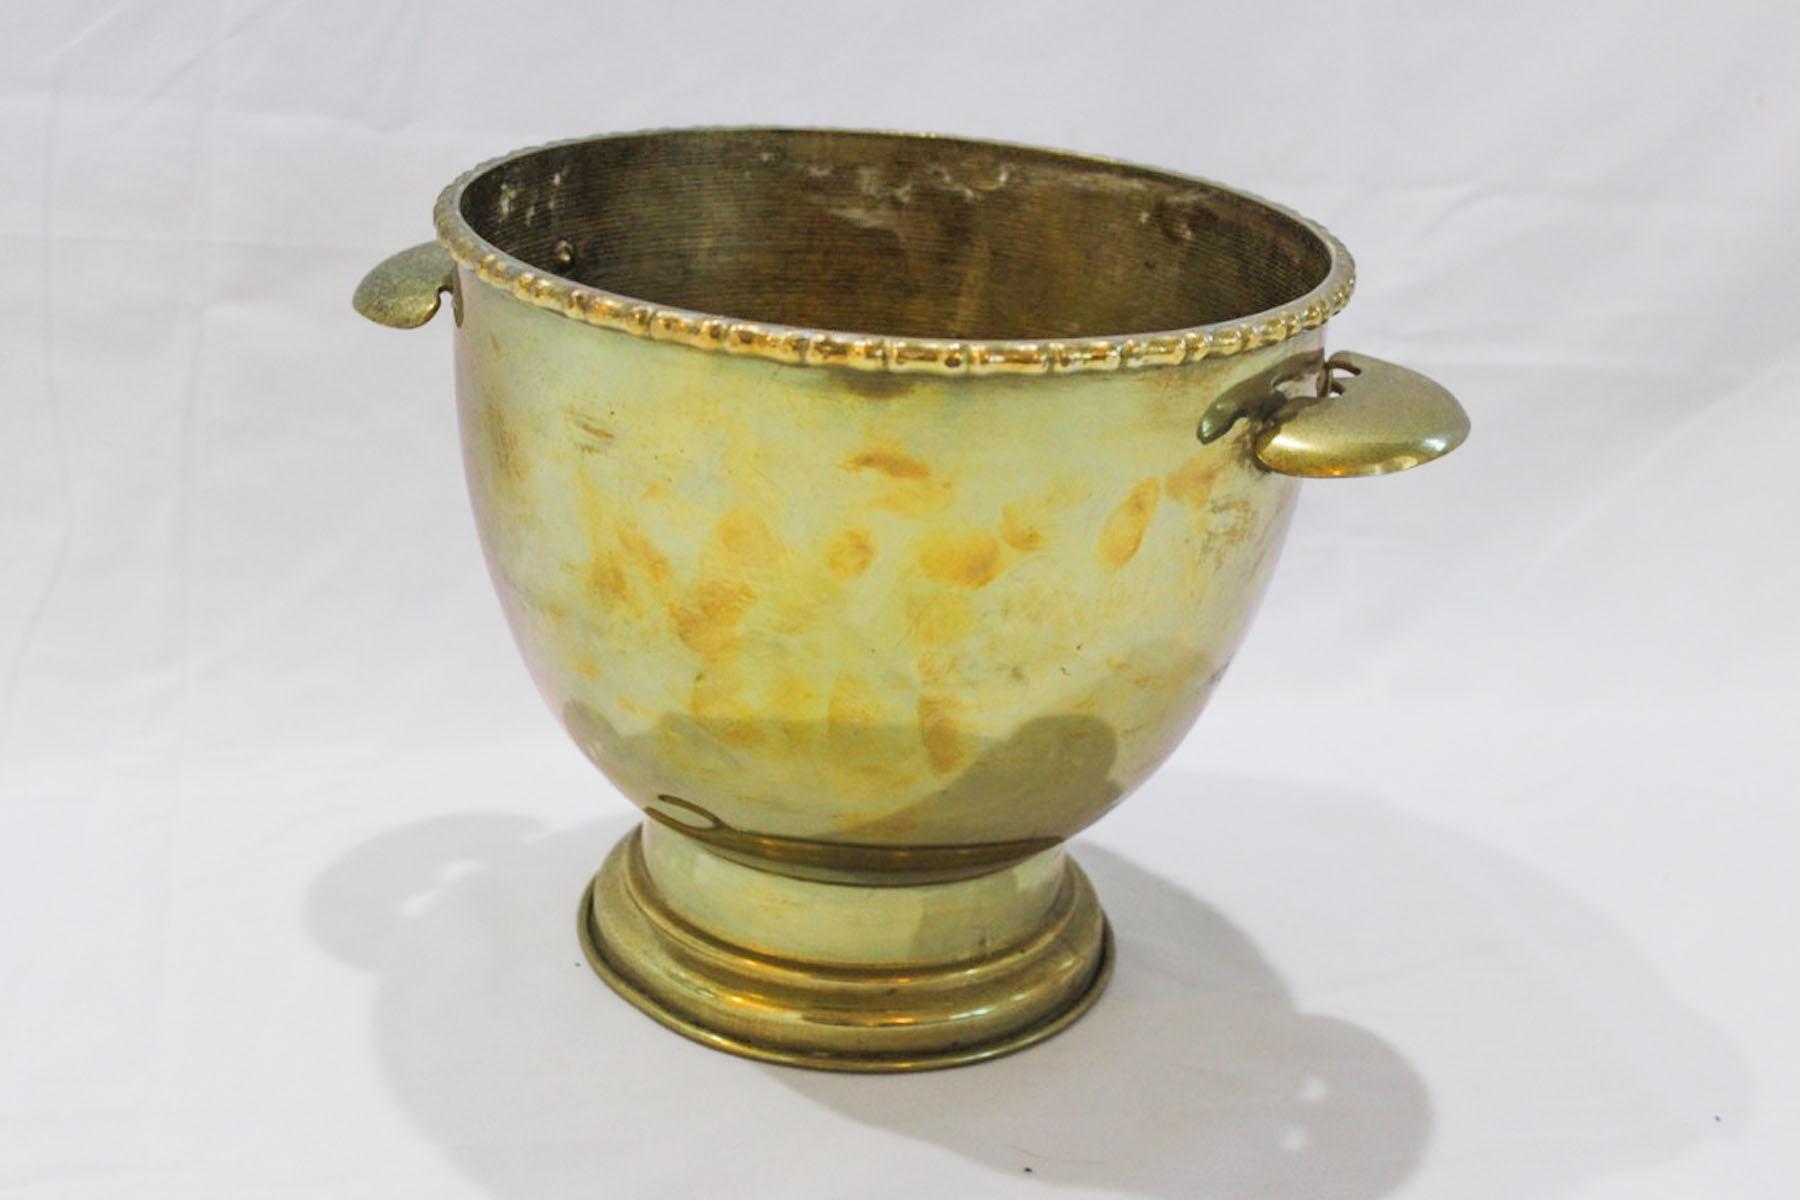 Brass Champagne Bucket - Scavenged Vintage Rentals